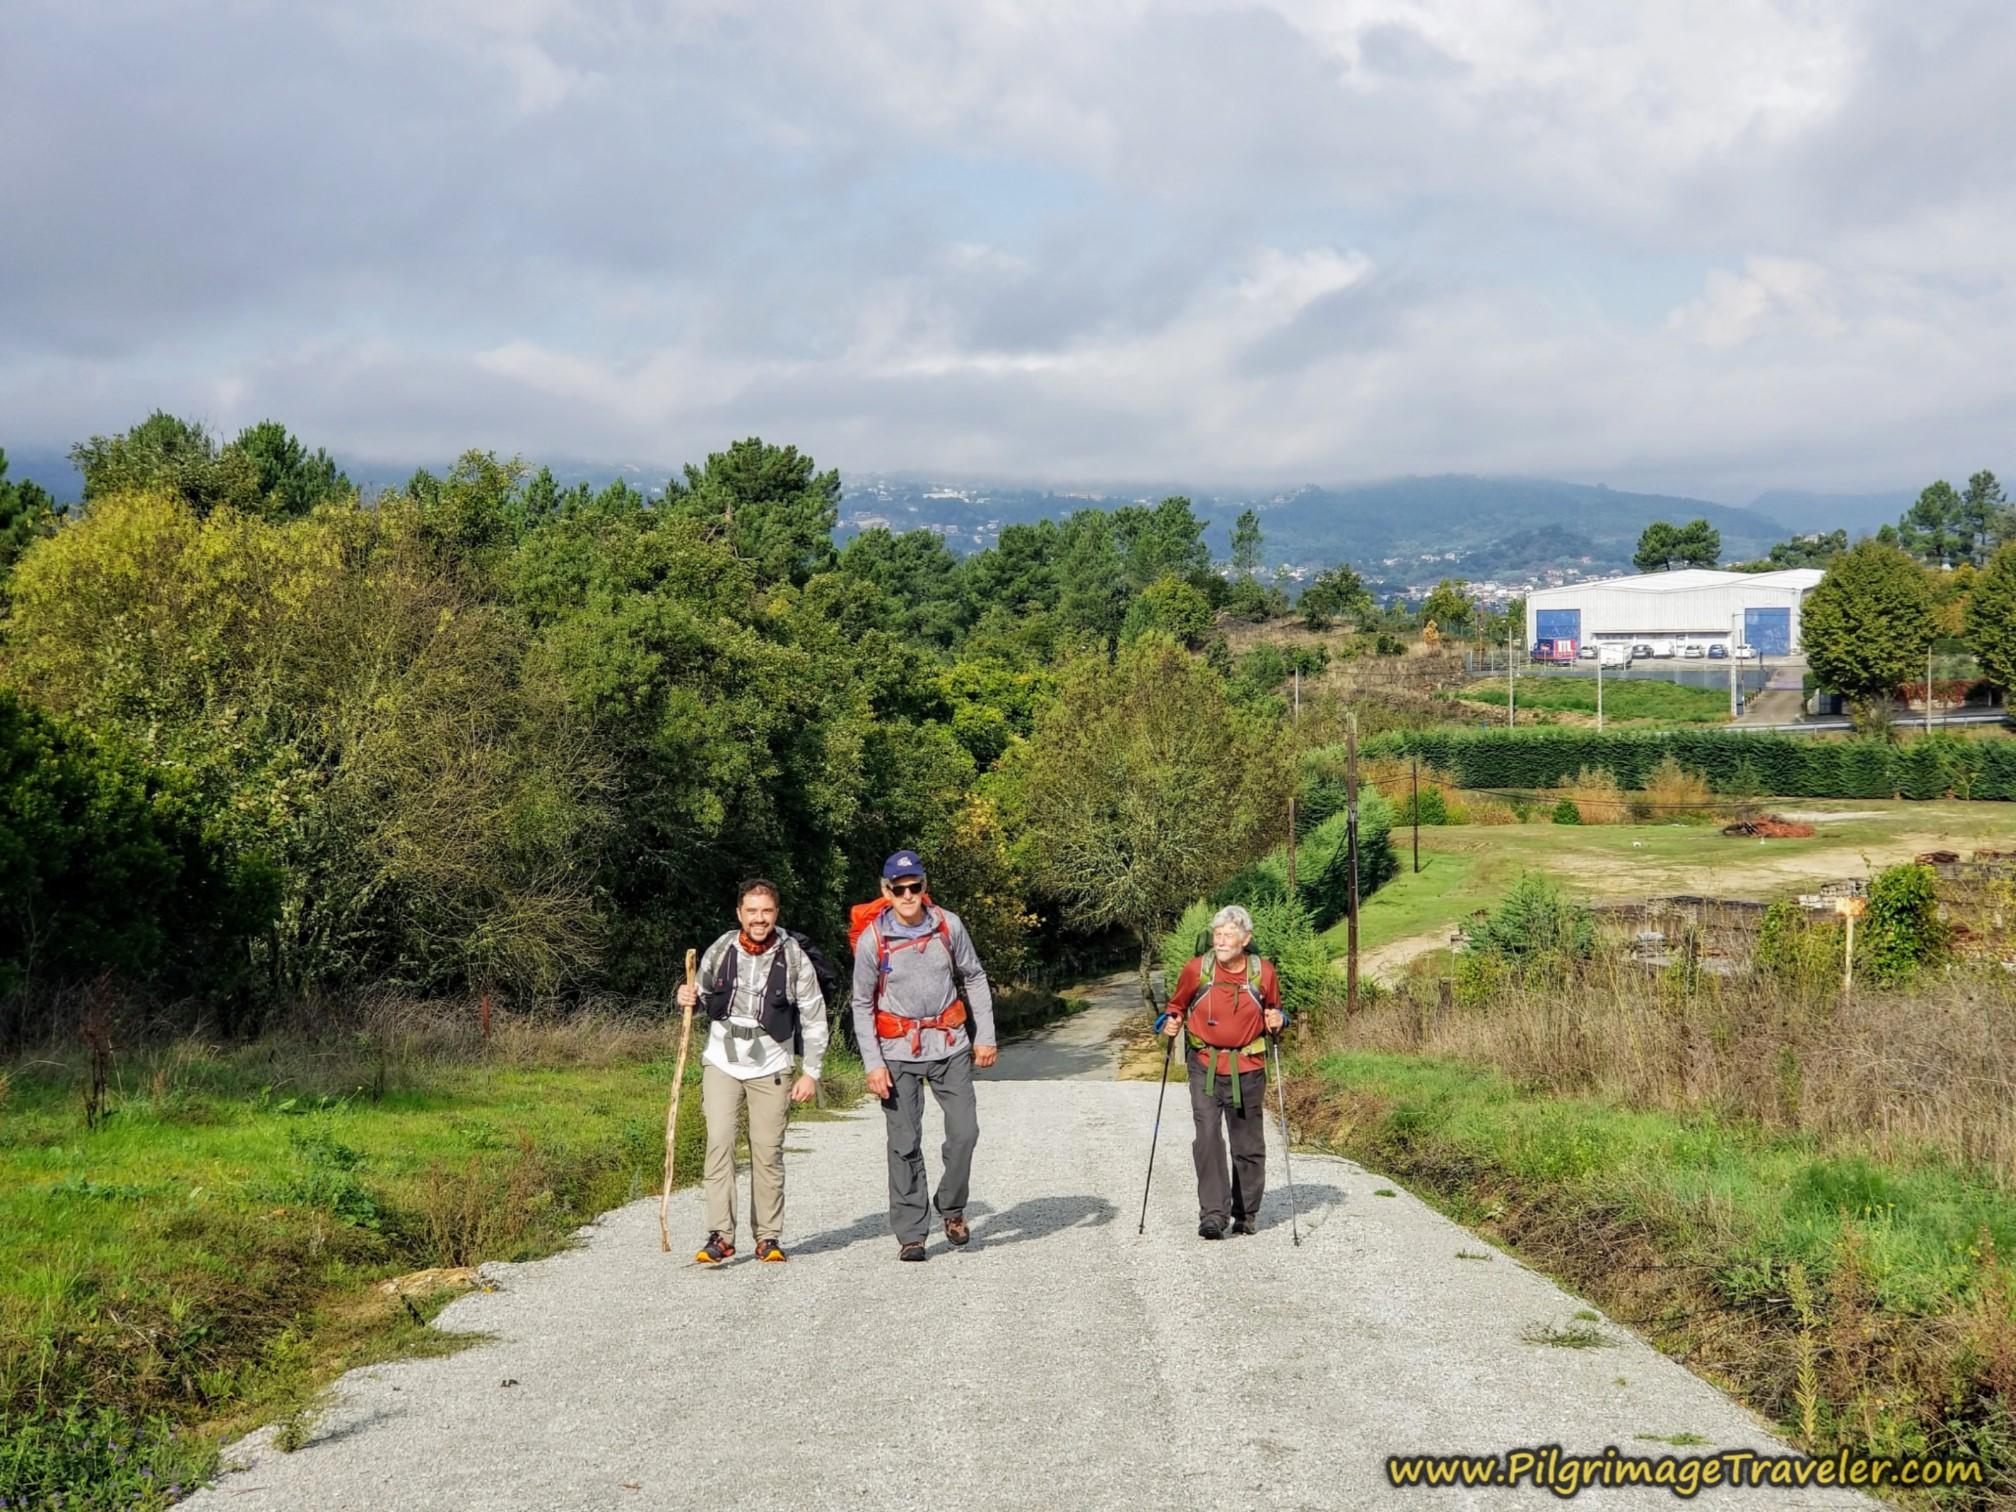 The Three Amigos, pilgrims on the way to Ourense, Camino Sanabrés, Xunqueira de Ambía to Ourense